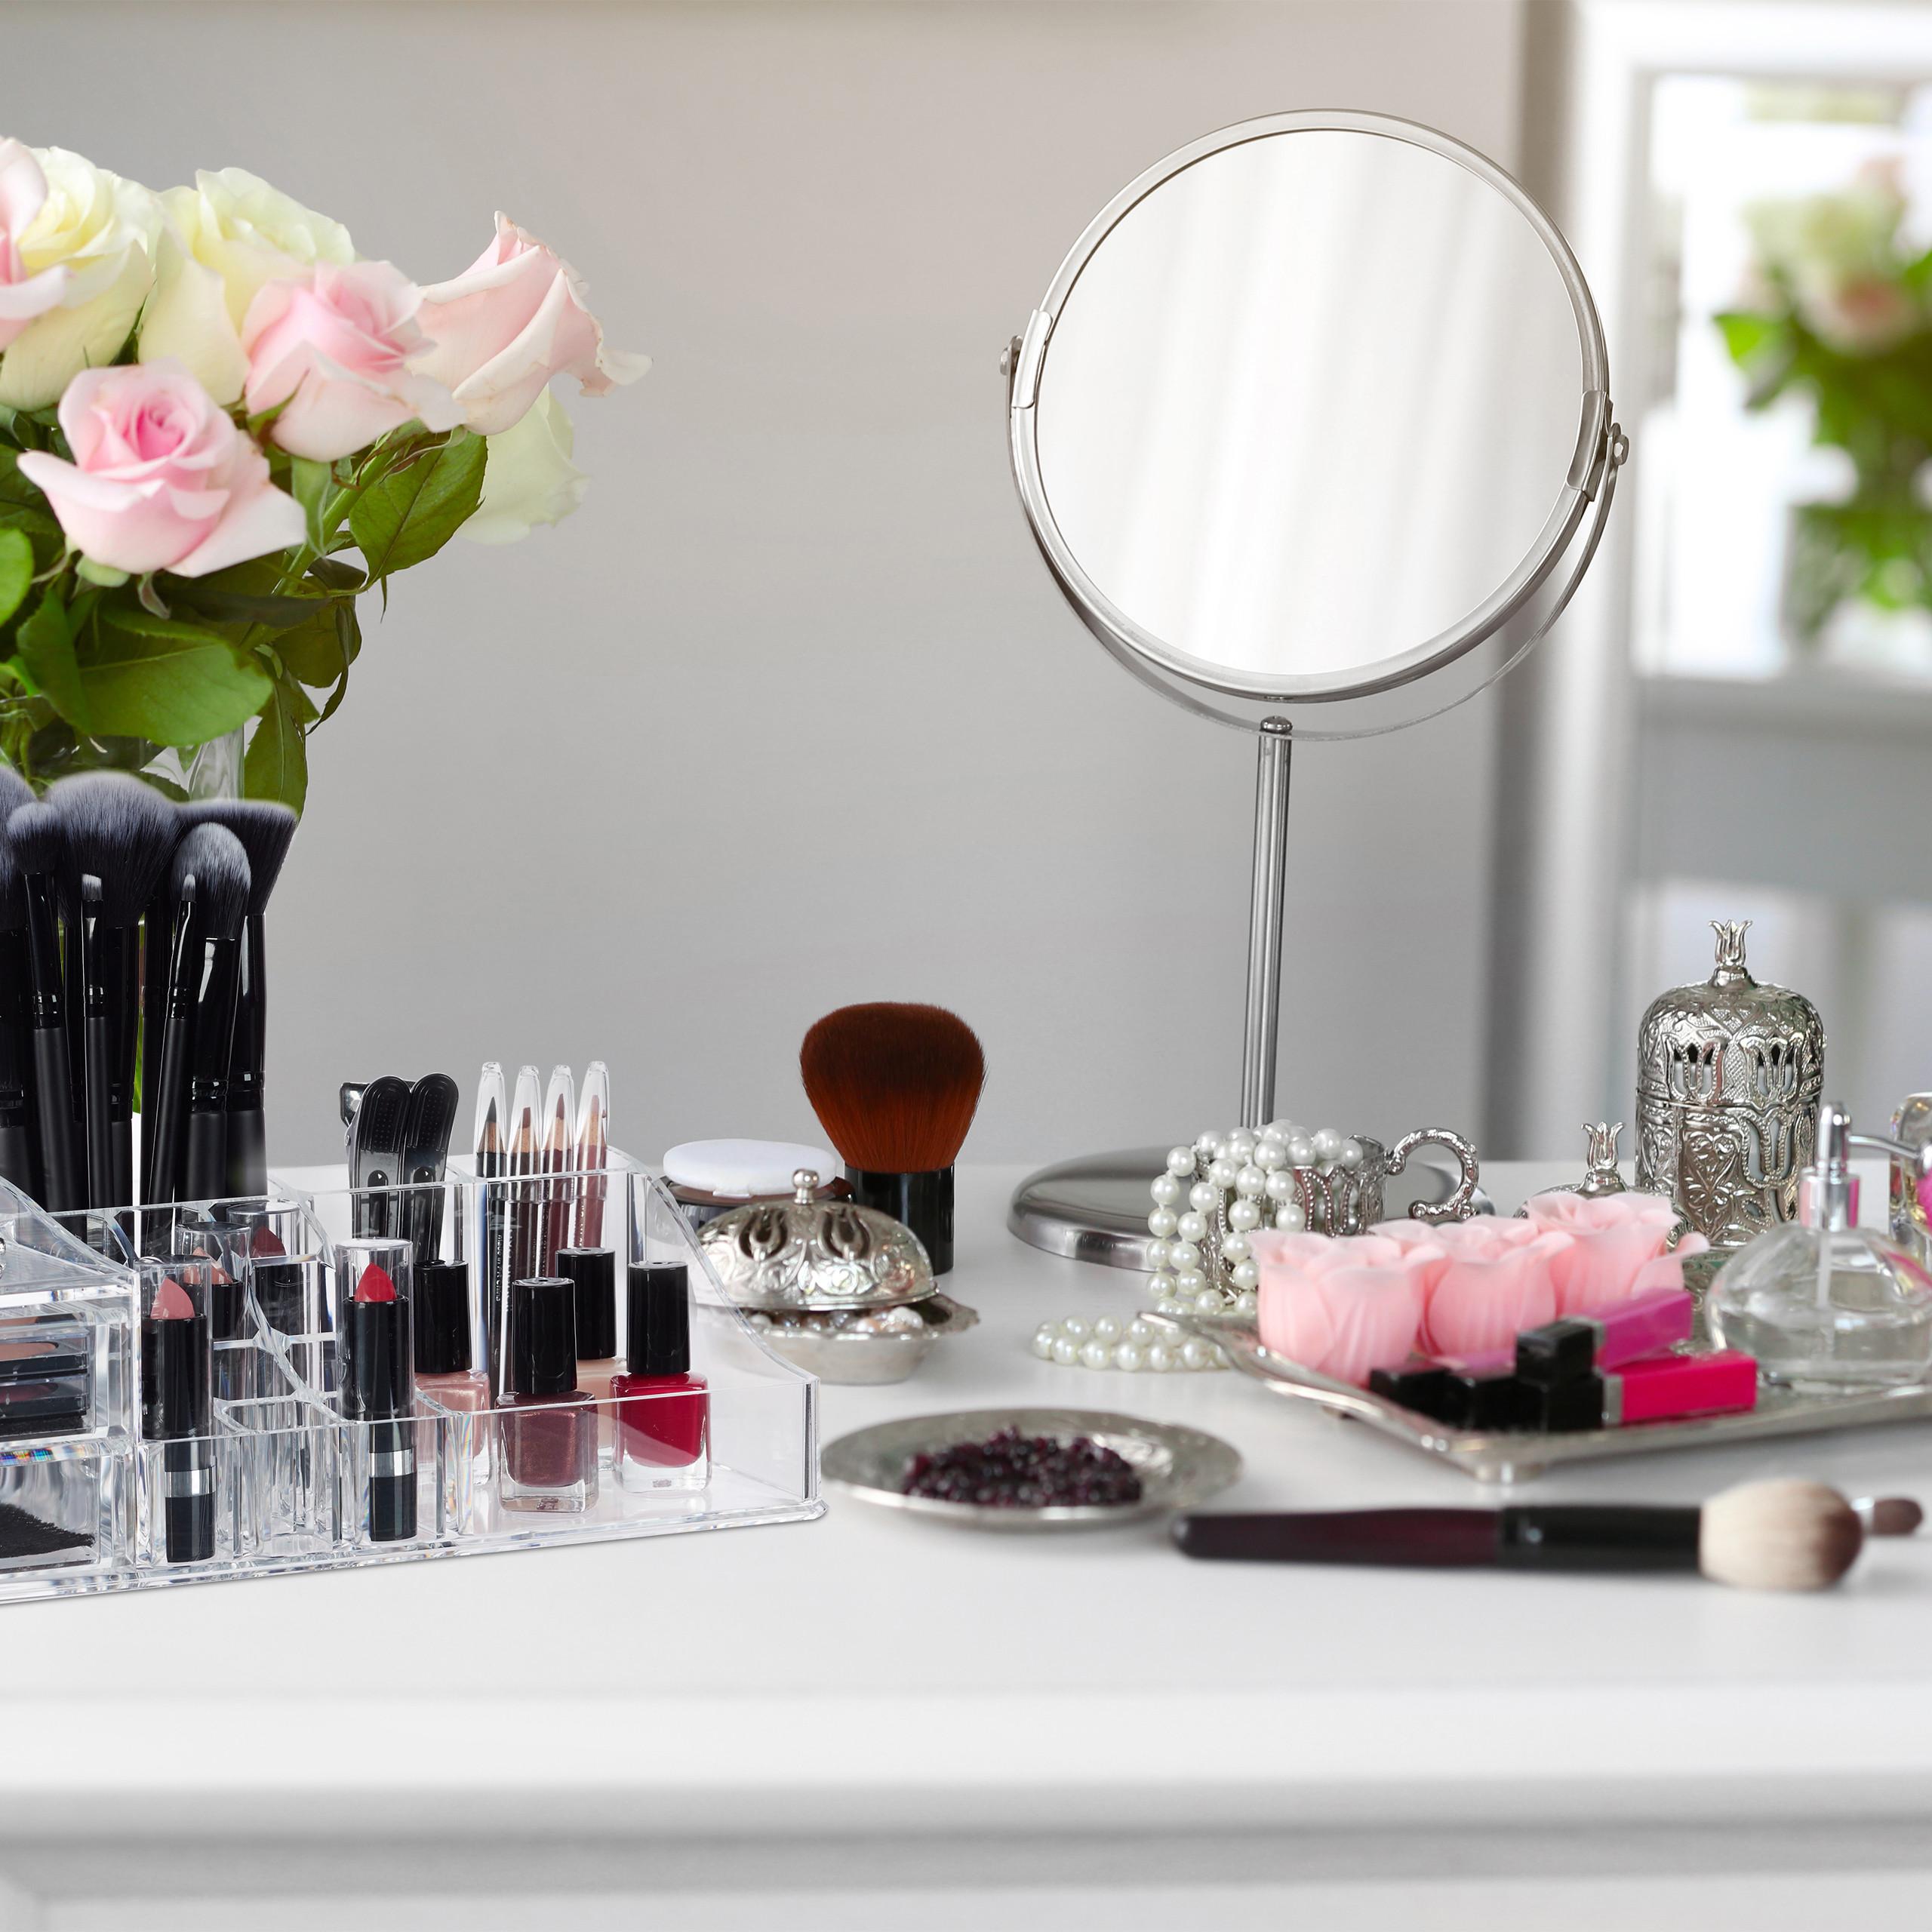 Make-Up-Organizer-Acrylbox-Lippenstifthalter-2-Schubladen-Schmuckaufbewahrung miniatuur 6